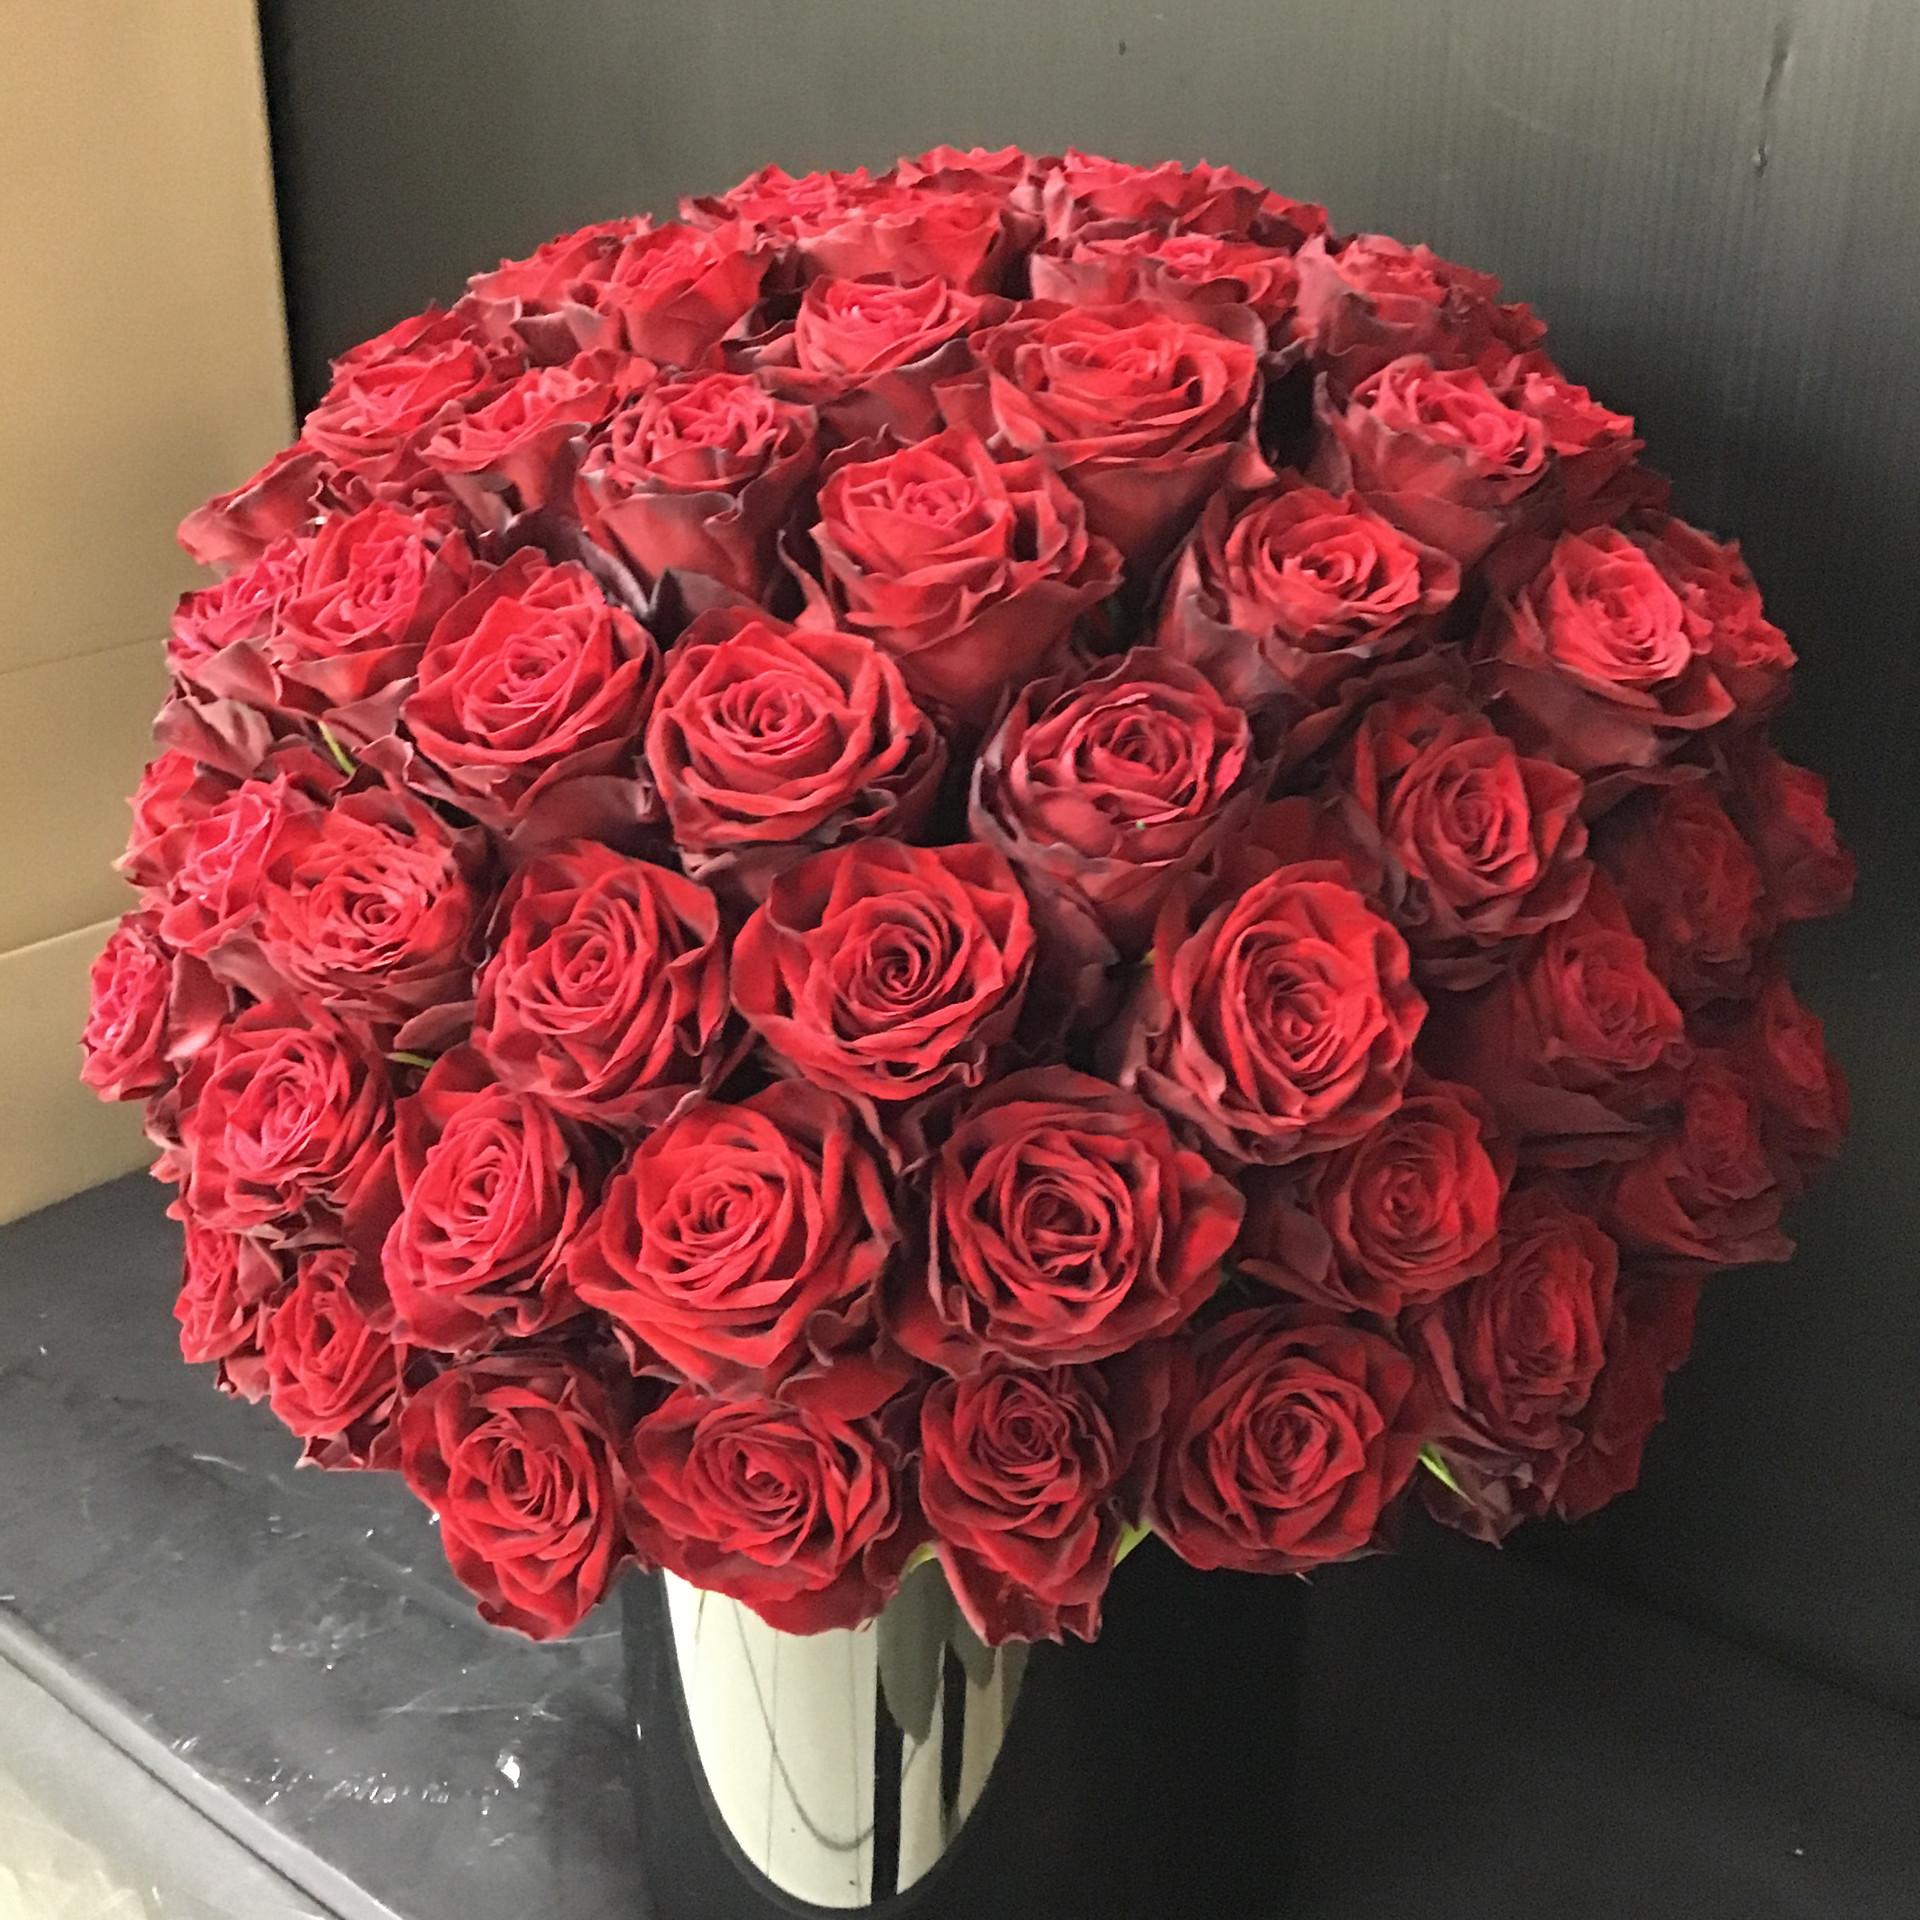 赤い薔薇アレンジメント器付き